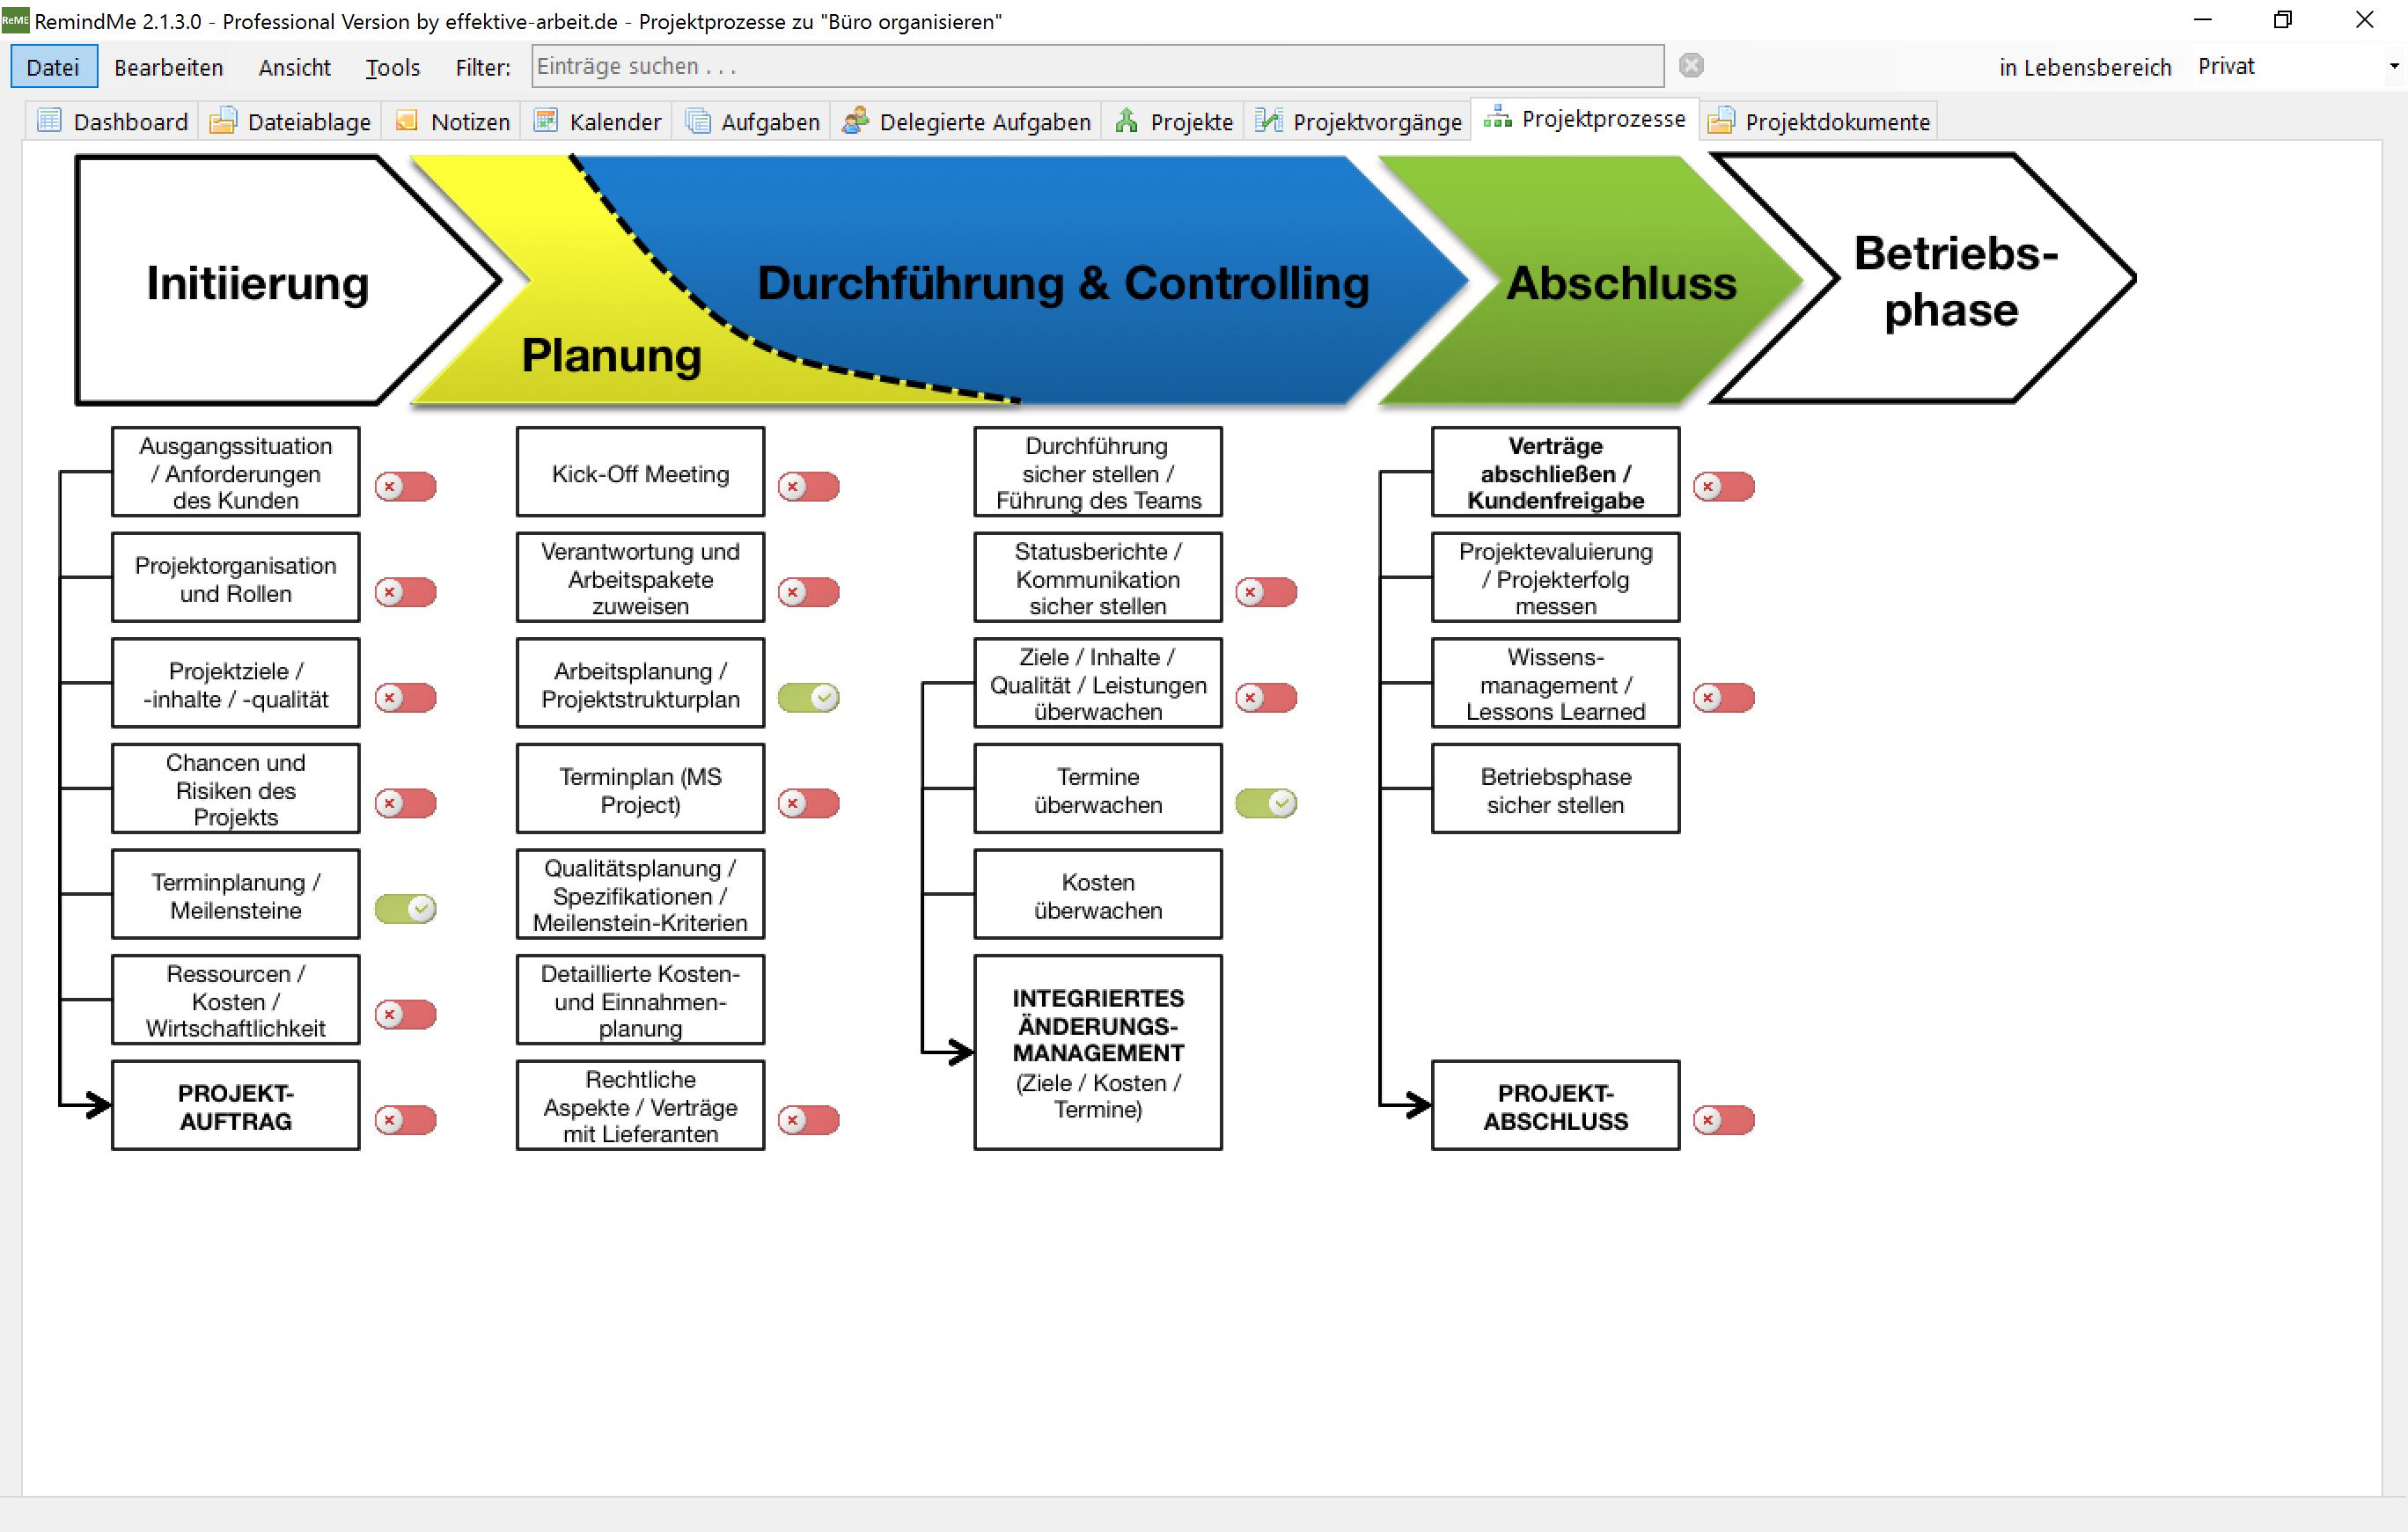 Prozessschaubild - Schneller zugriff auf wichtige Projekt-Dokumente